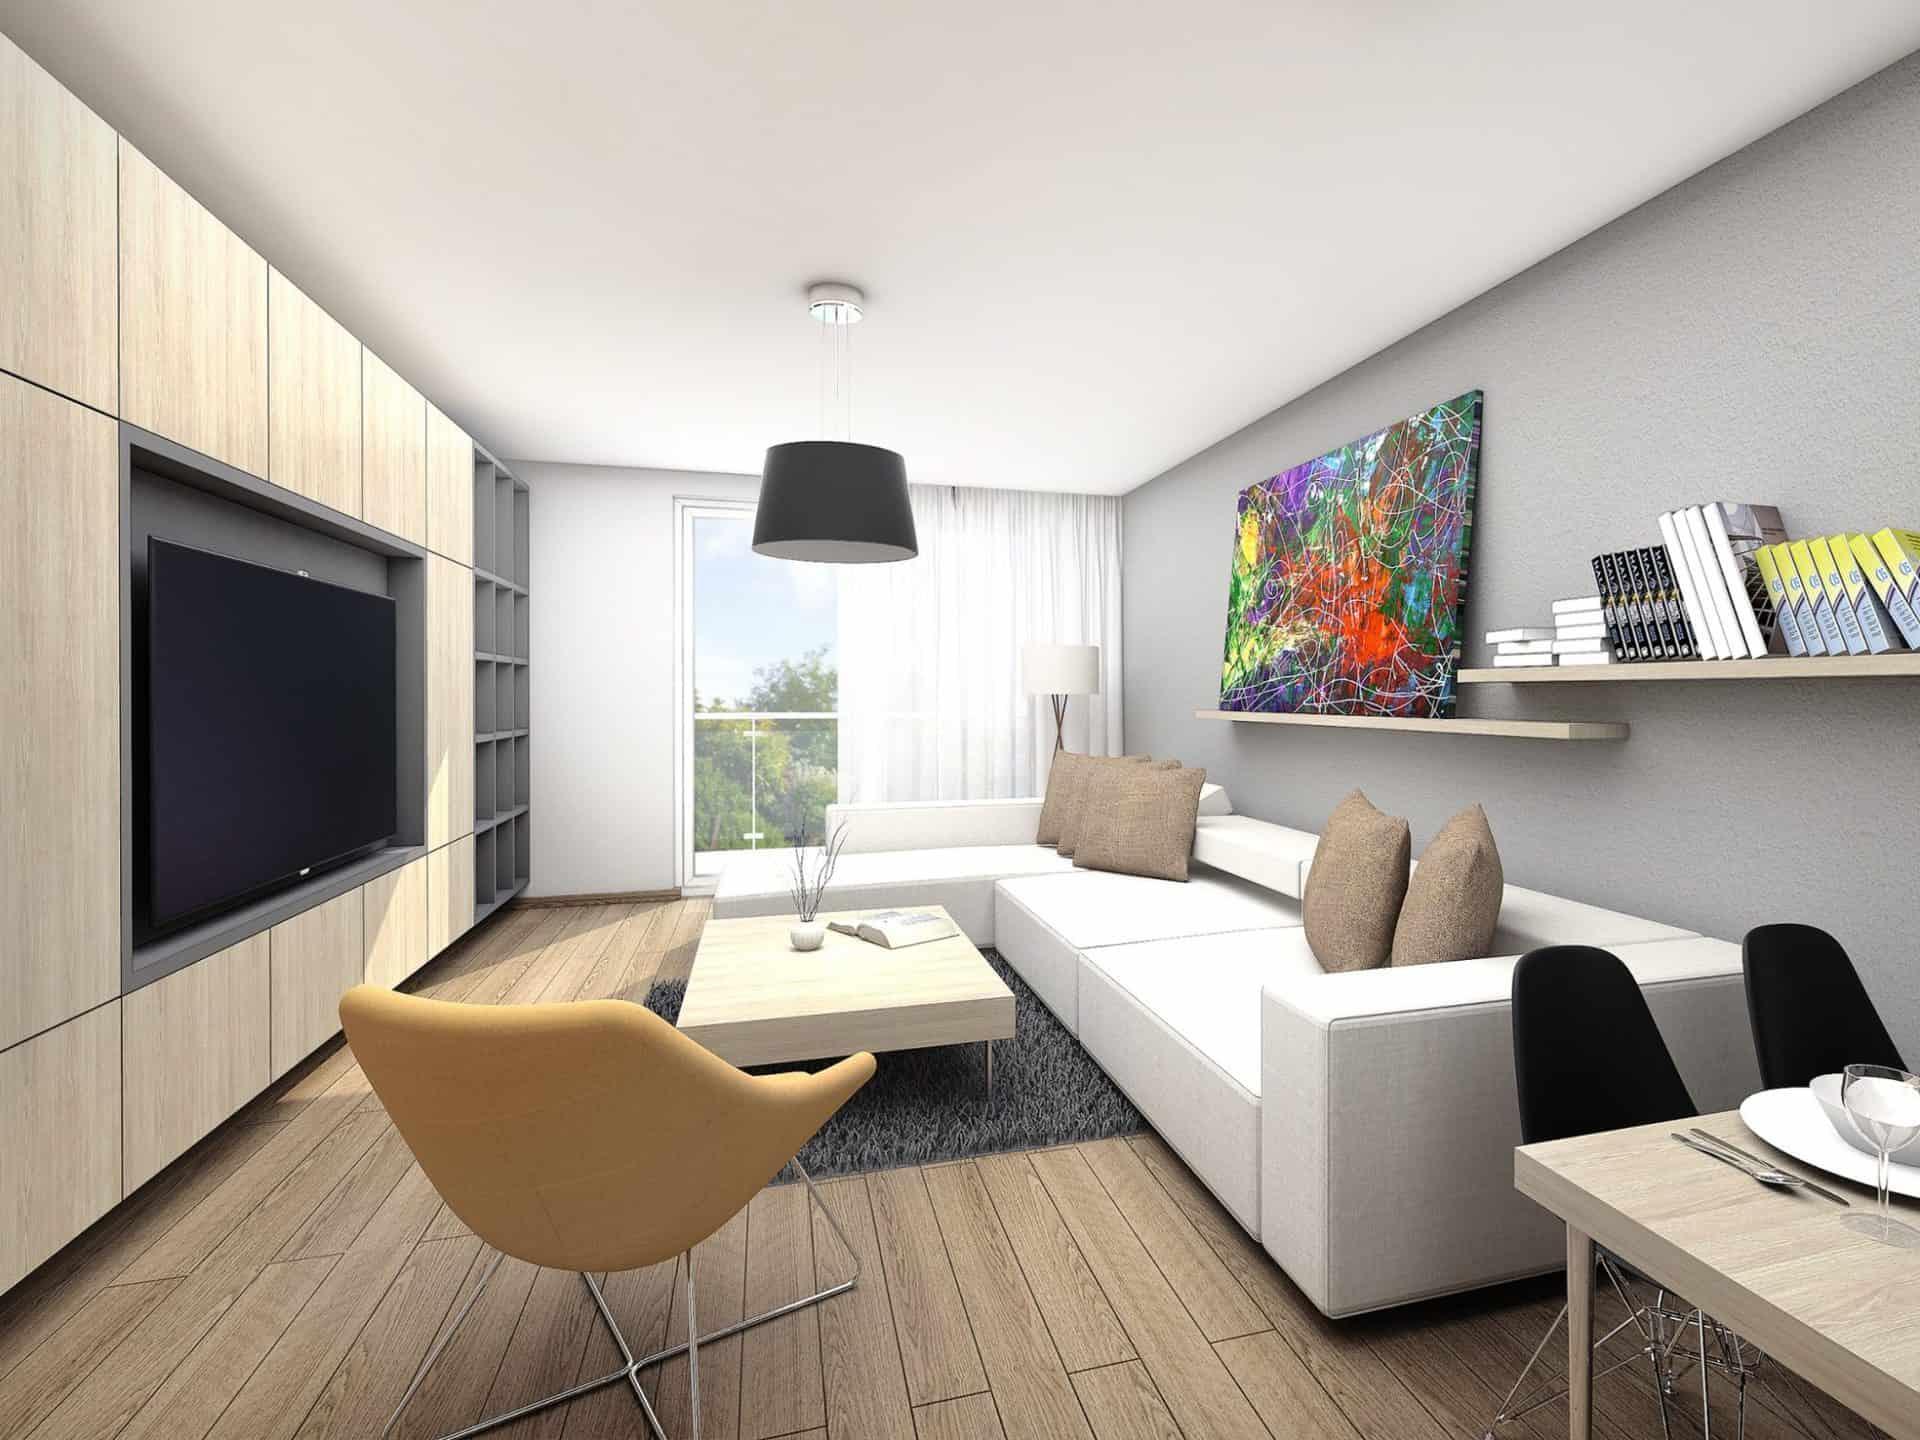 2 izbový byt Košice - Košice